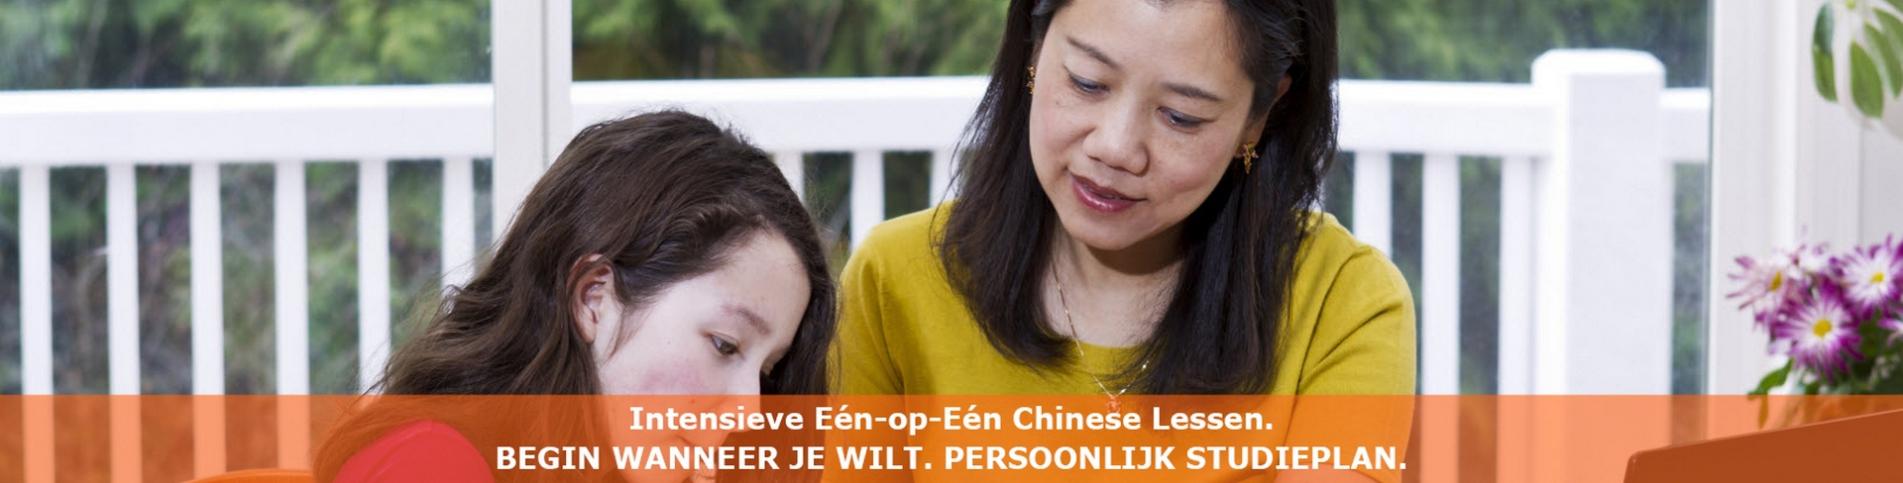 leraar chinees docent chinese taal les cursus leren het gooi vechtstreek utrecht amersfoort hilversum